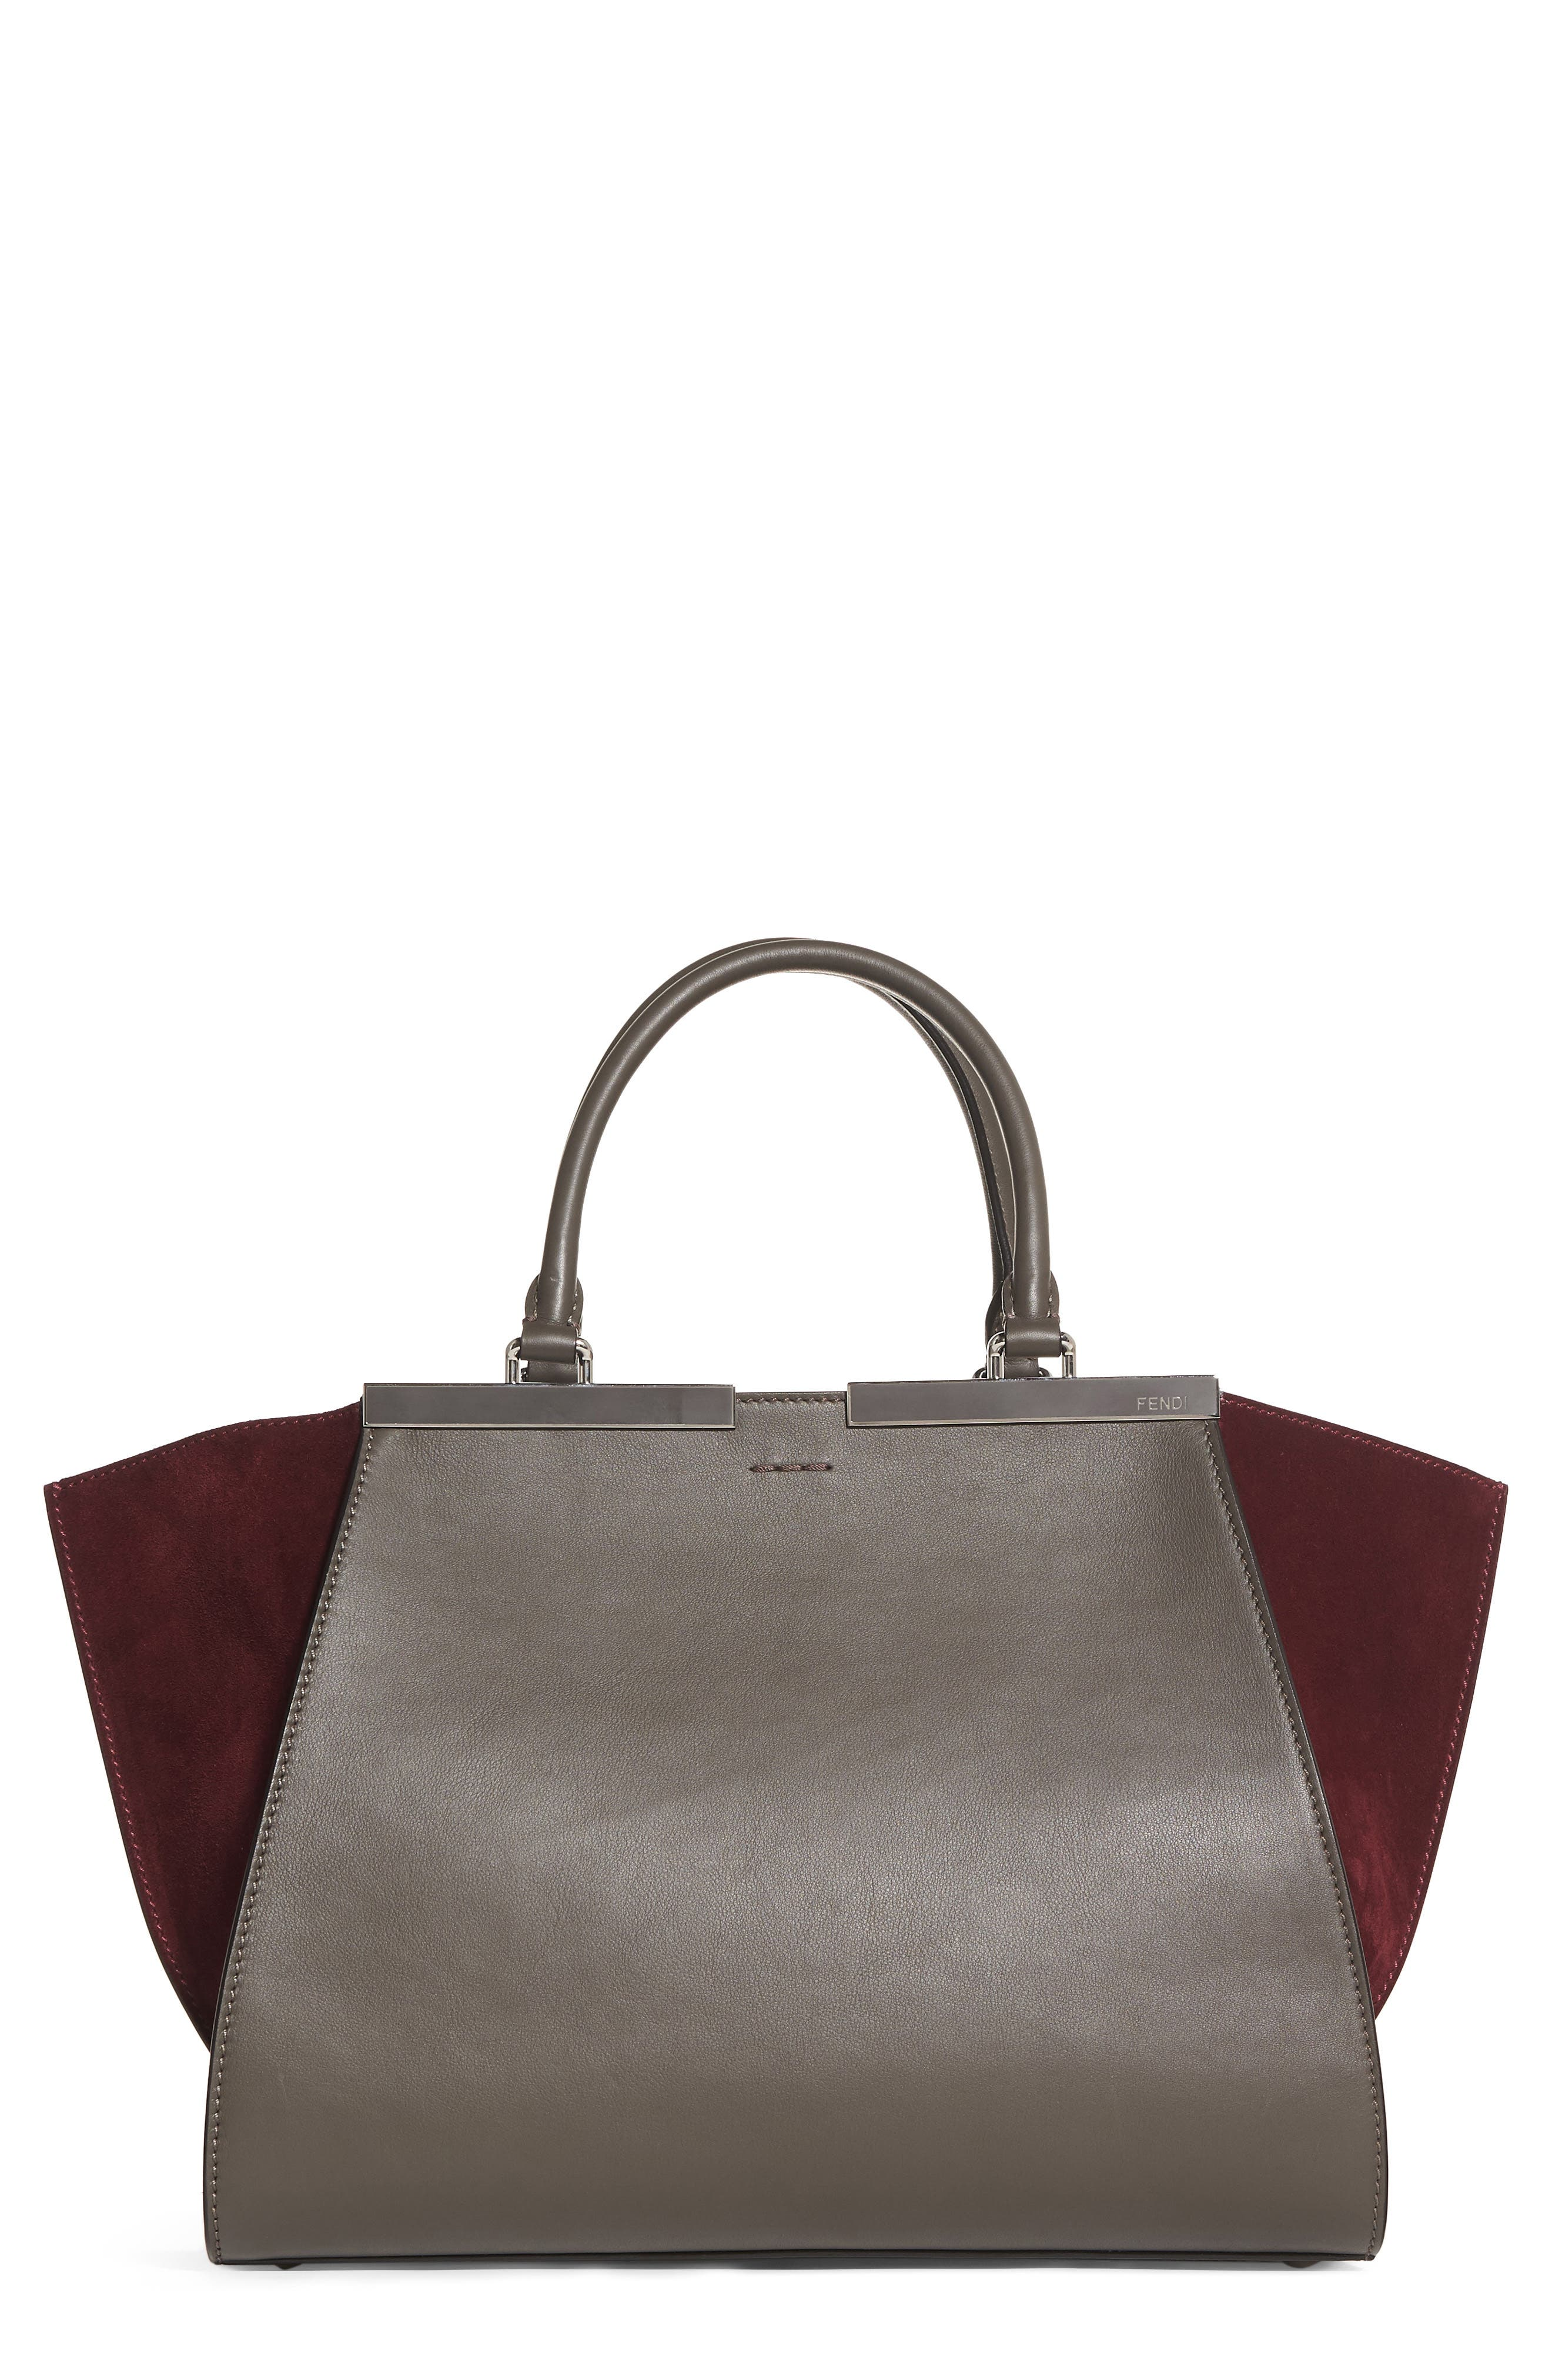 3Jours Baltico Leather & Suede Shopper,                             Main thumbnail 1, color,